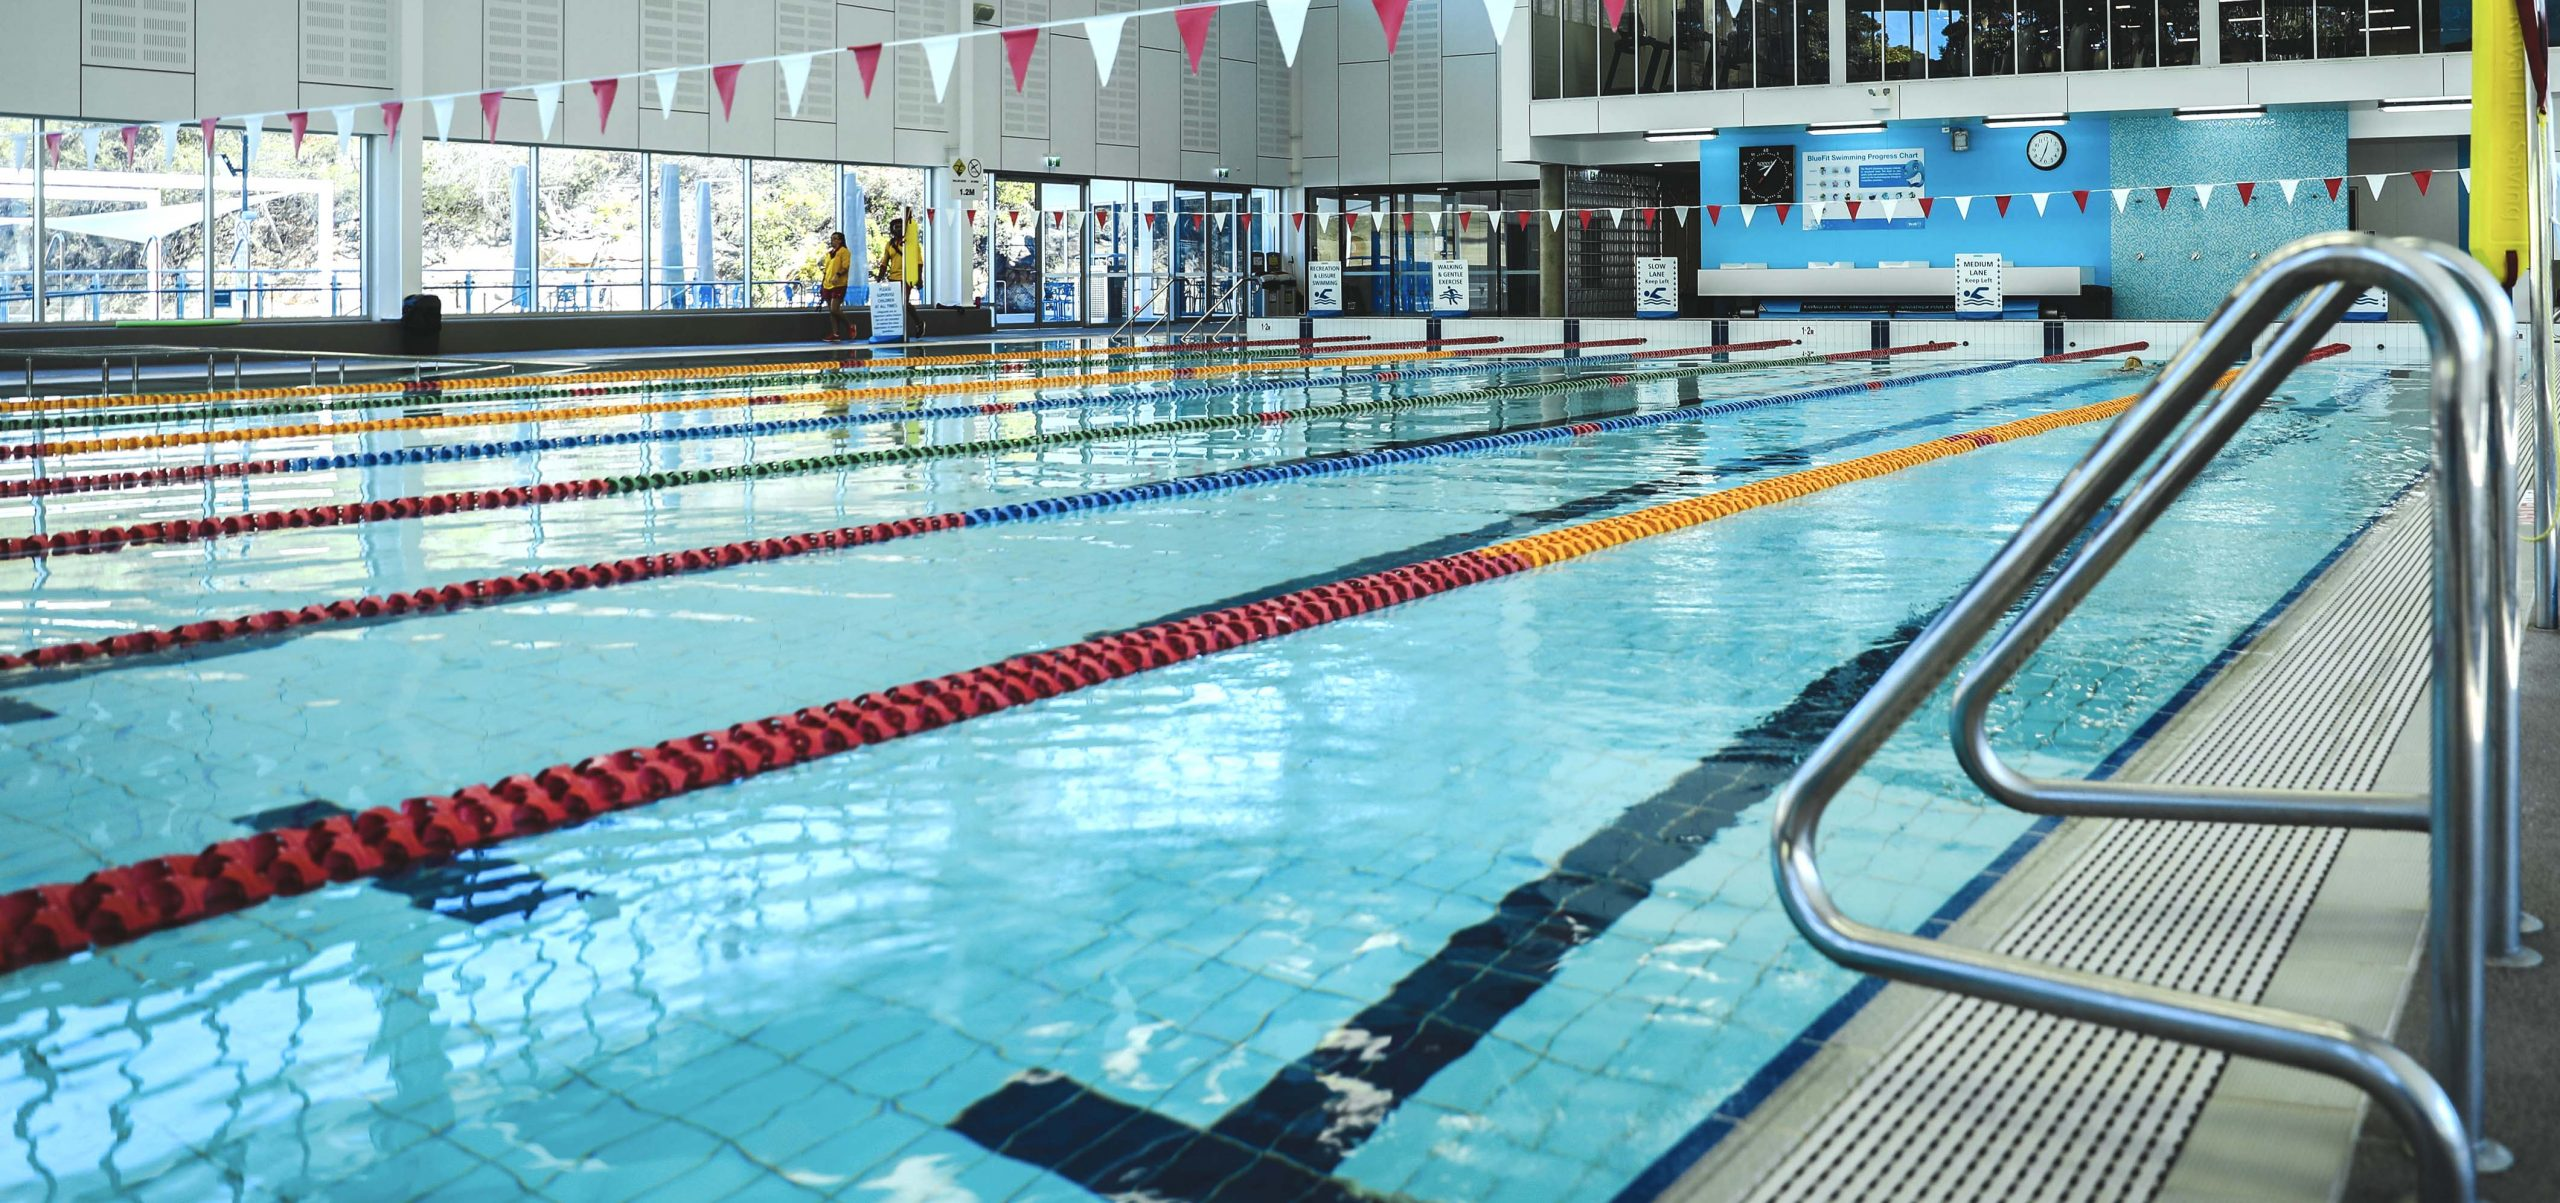 Bexley Pool